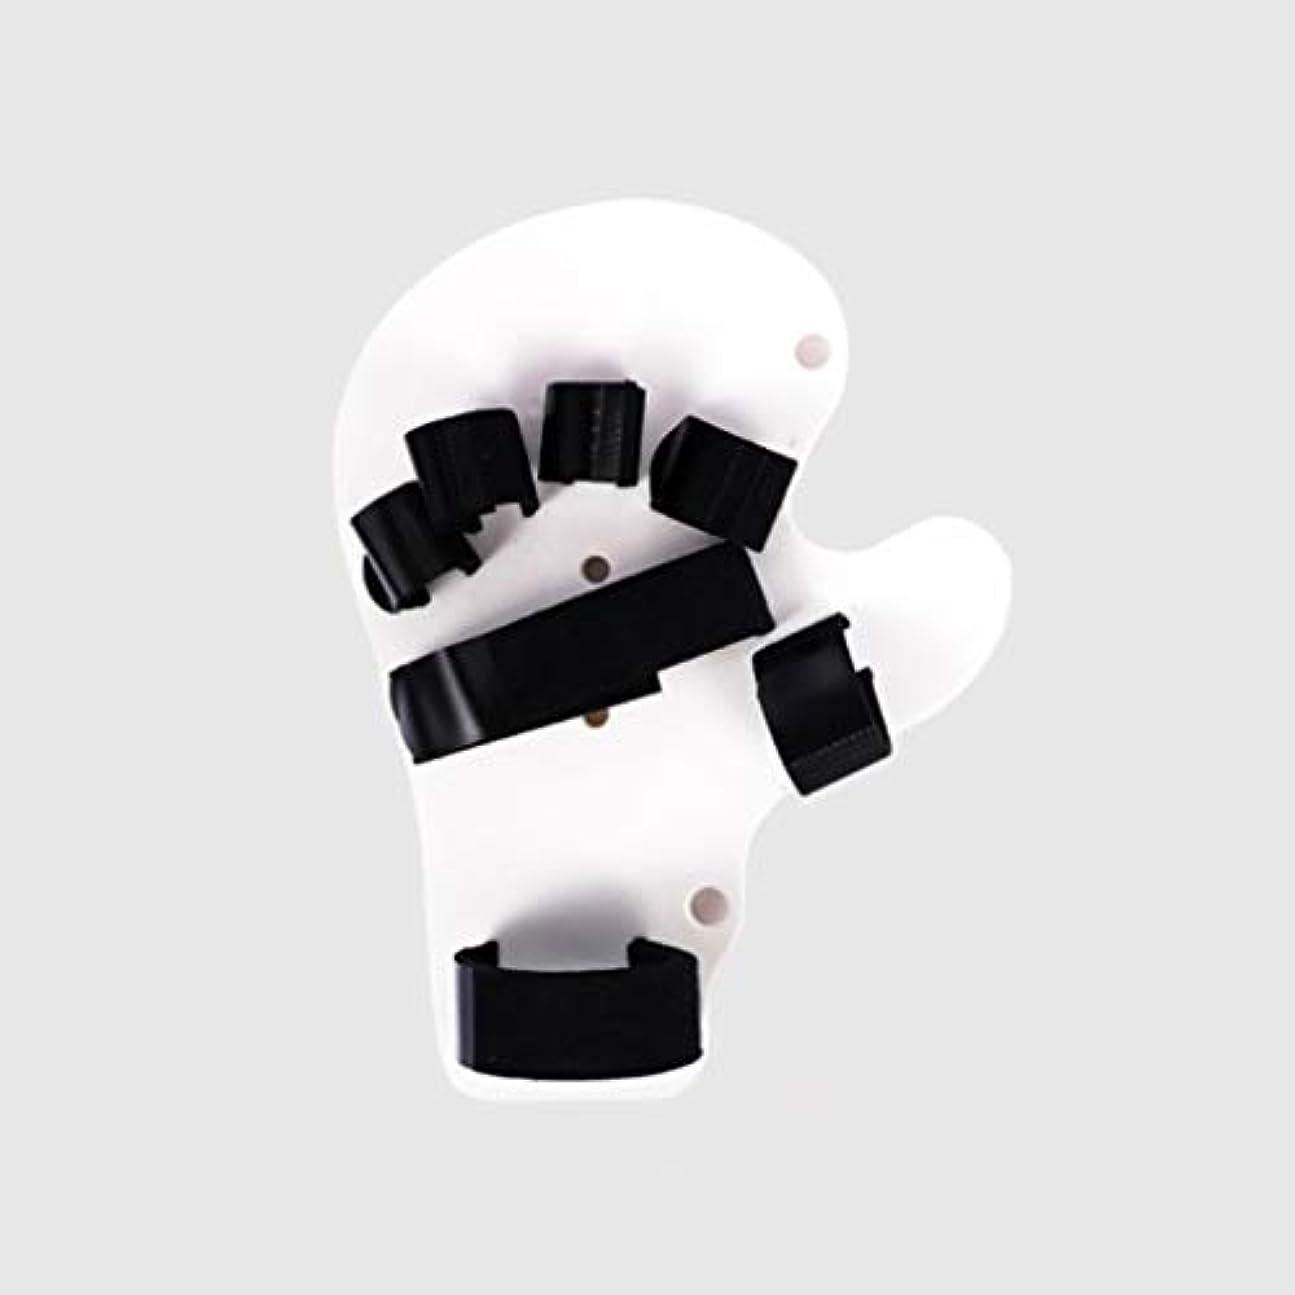 大破について下にプロテクターフィンガークッショントリガーフィンガーマレットフィンガーフィンガーナックル固定化指骨折創傷フィンガーエクステンションスプリント,白